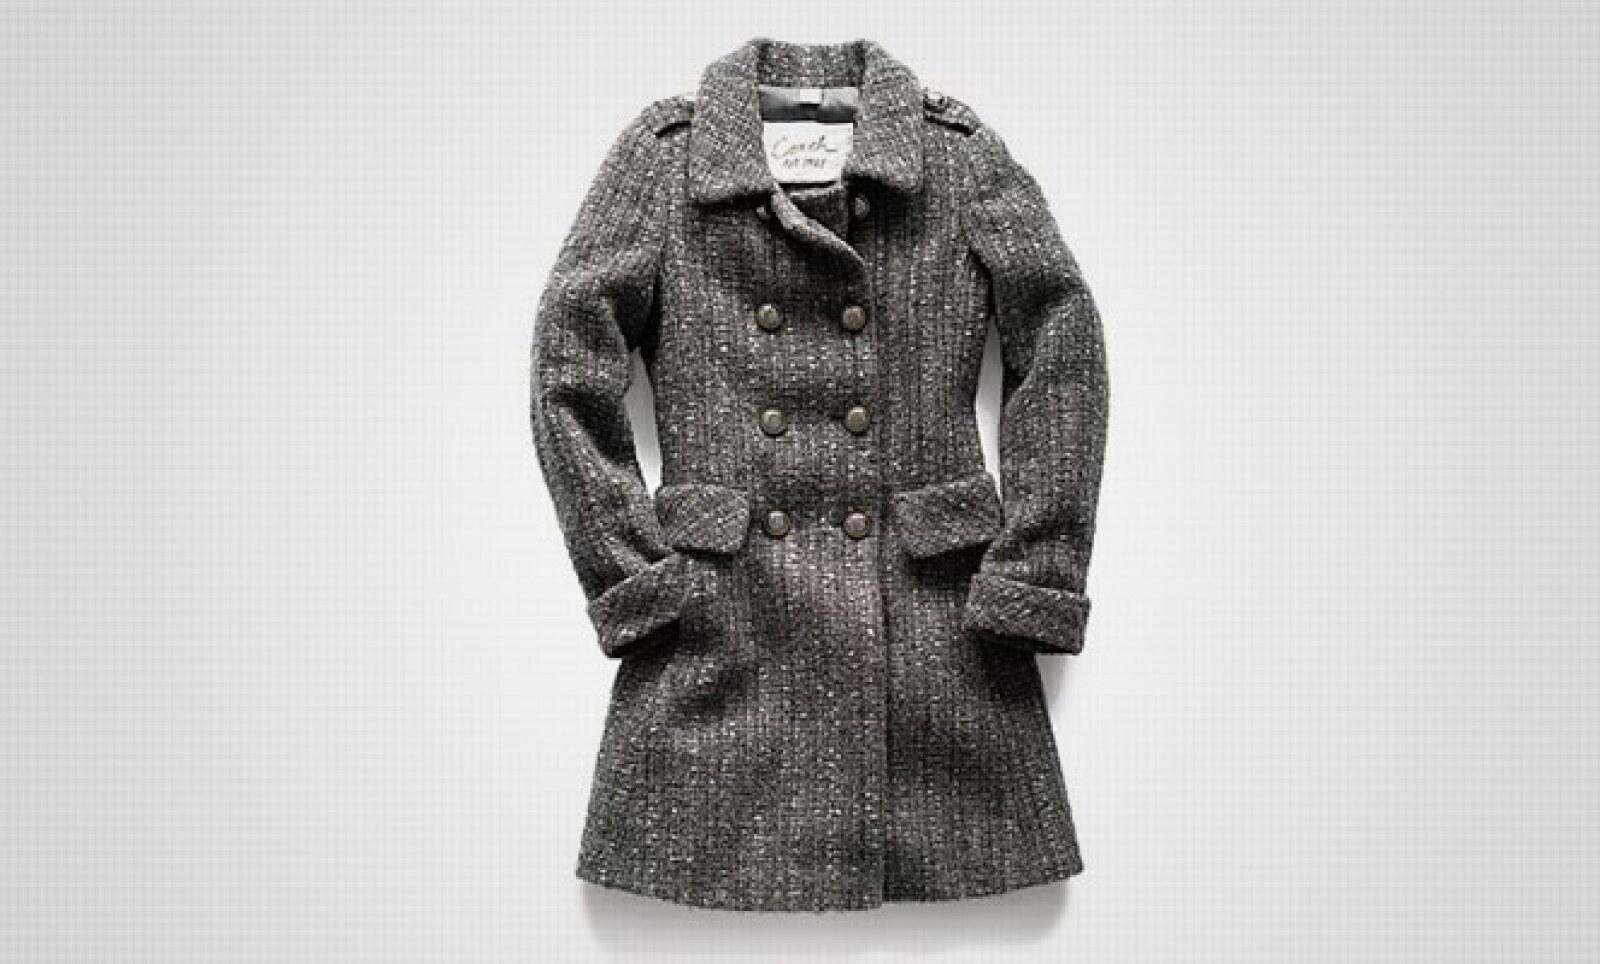 Un abrigo en color gris y detalles en material de nubuck, la opción perfecta para pasar el invierno.